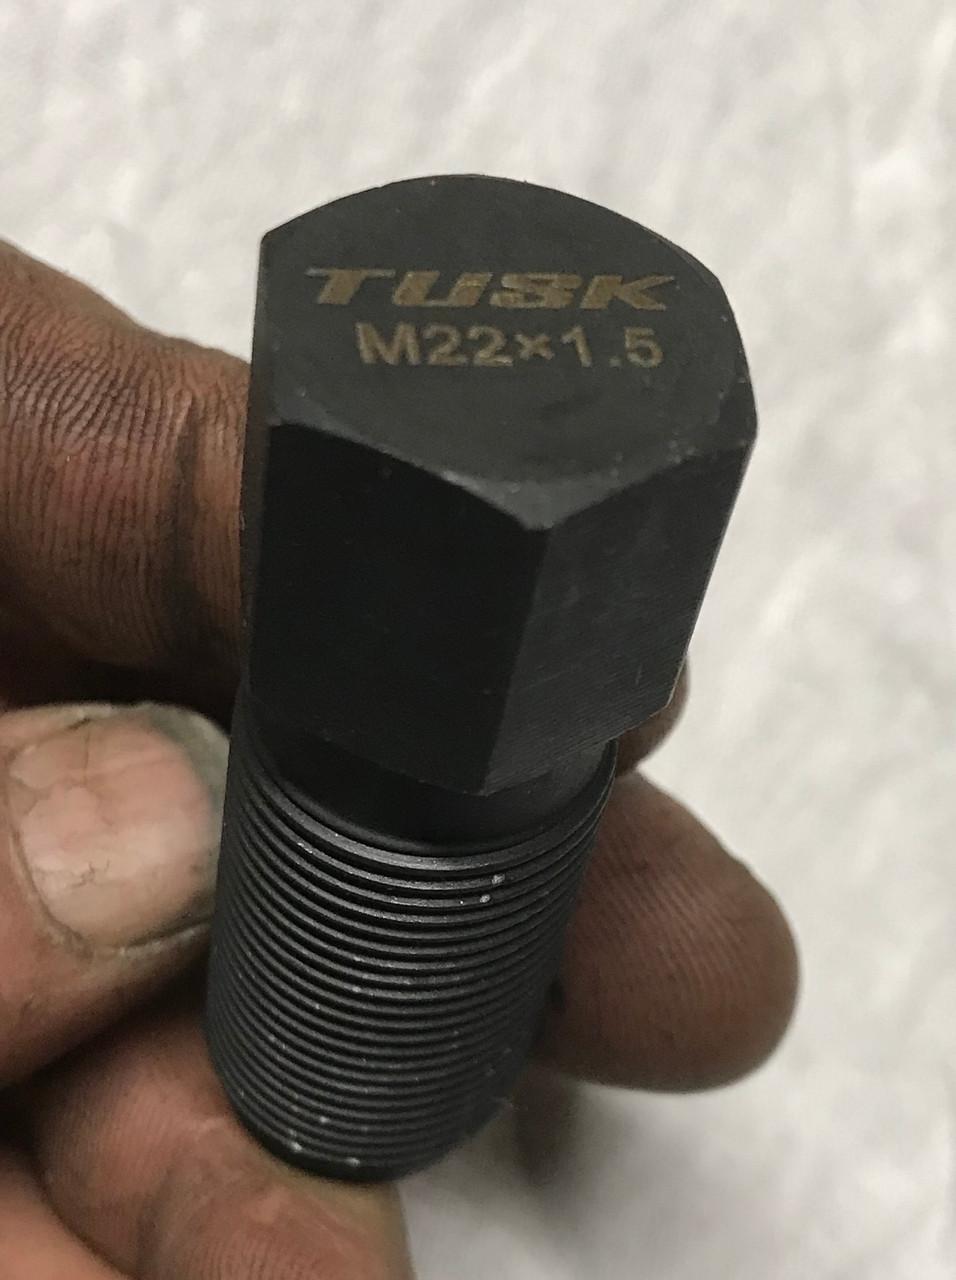 Tusk Flywheel Puller Remover 22mm KAWASAKI KL600 1984-1986 kl 600 rotor